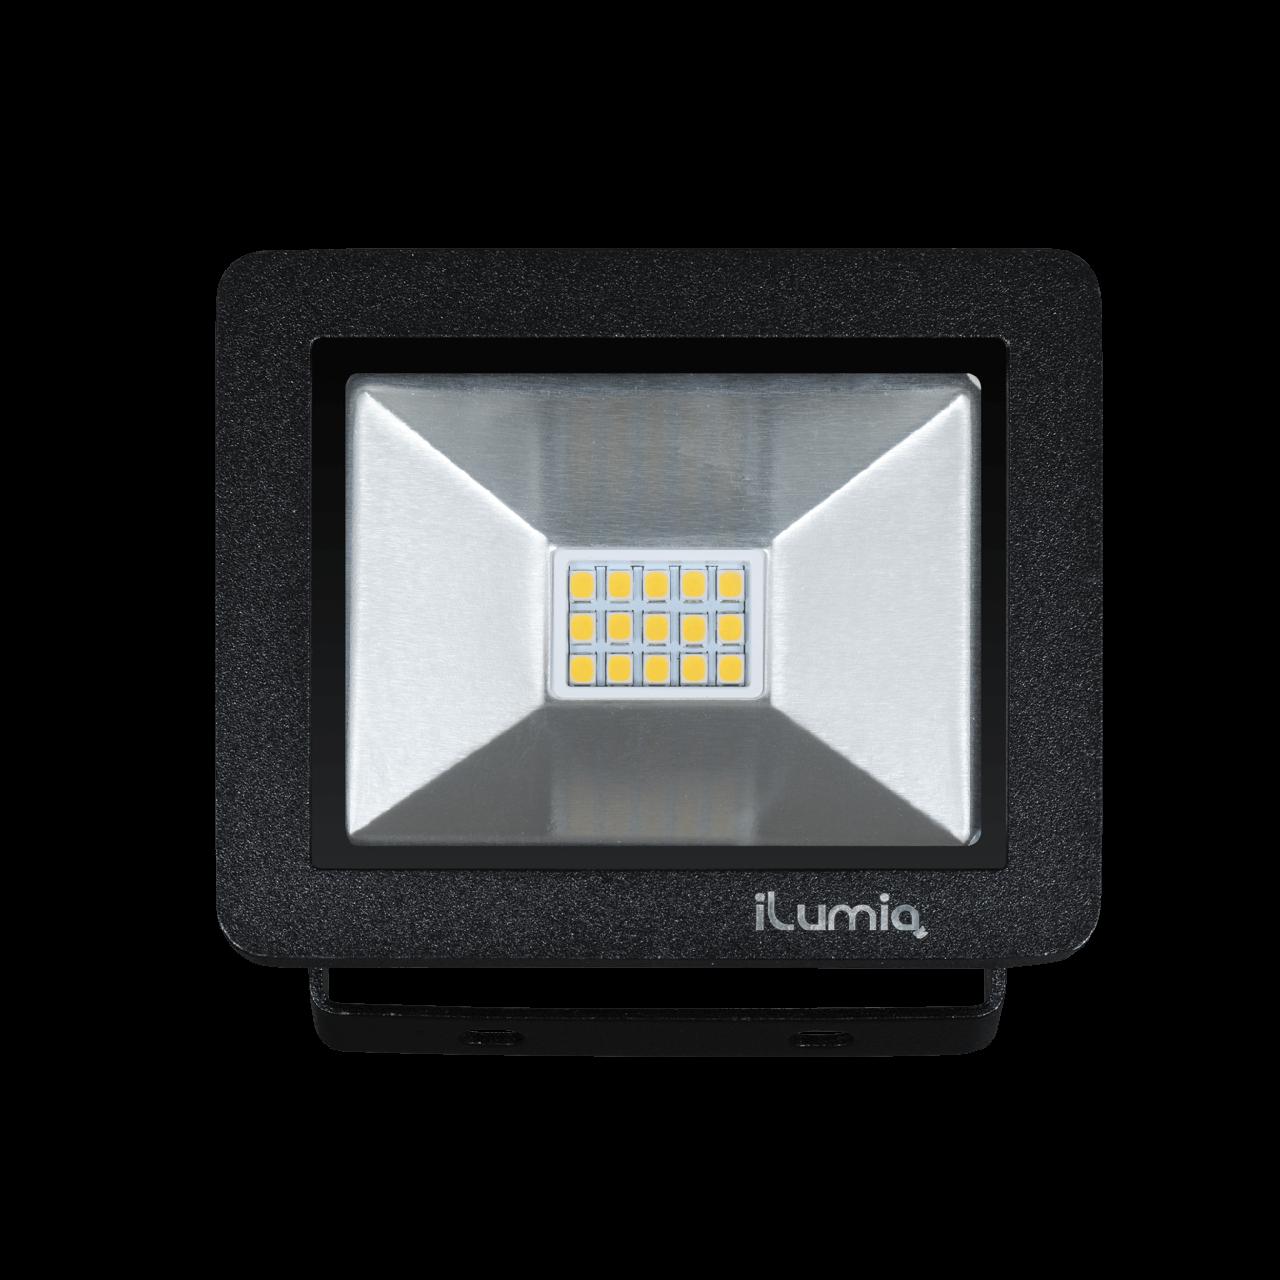 Светодиодный прожектор iLumia 10 Вт